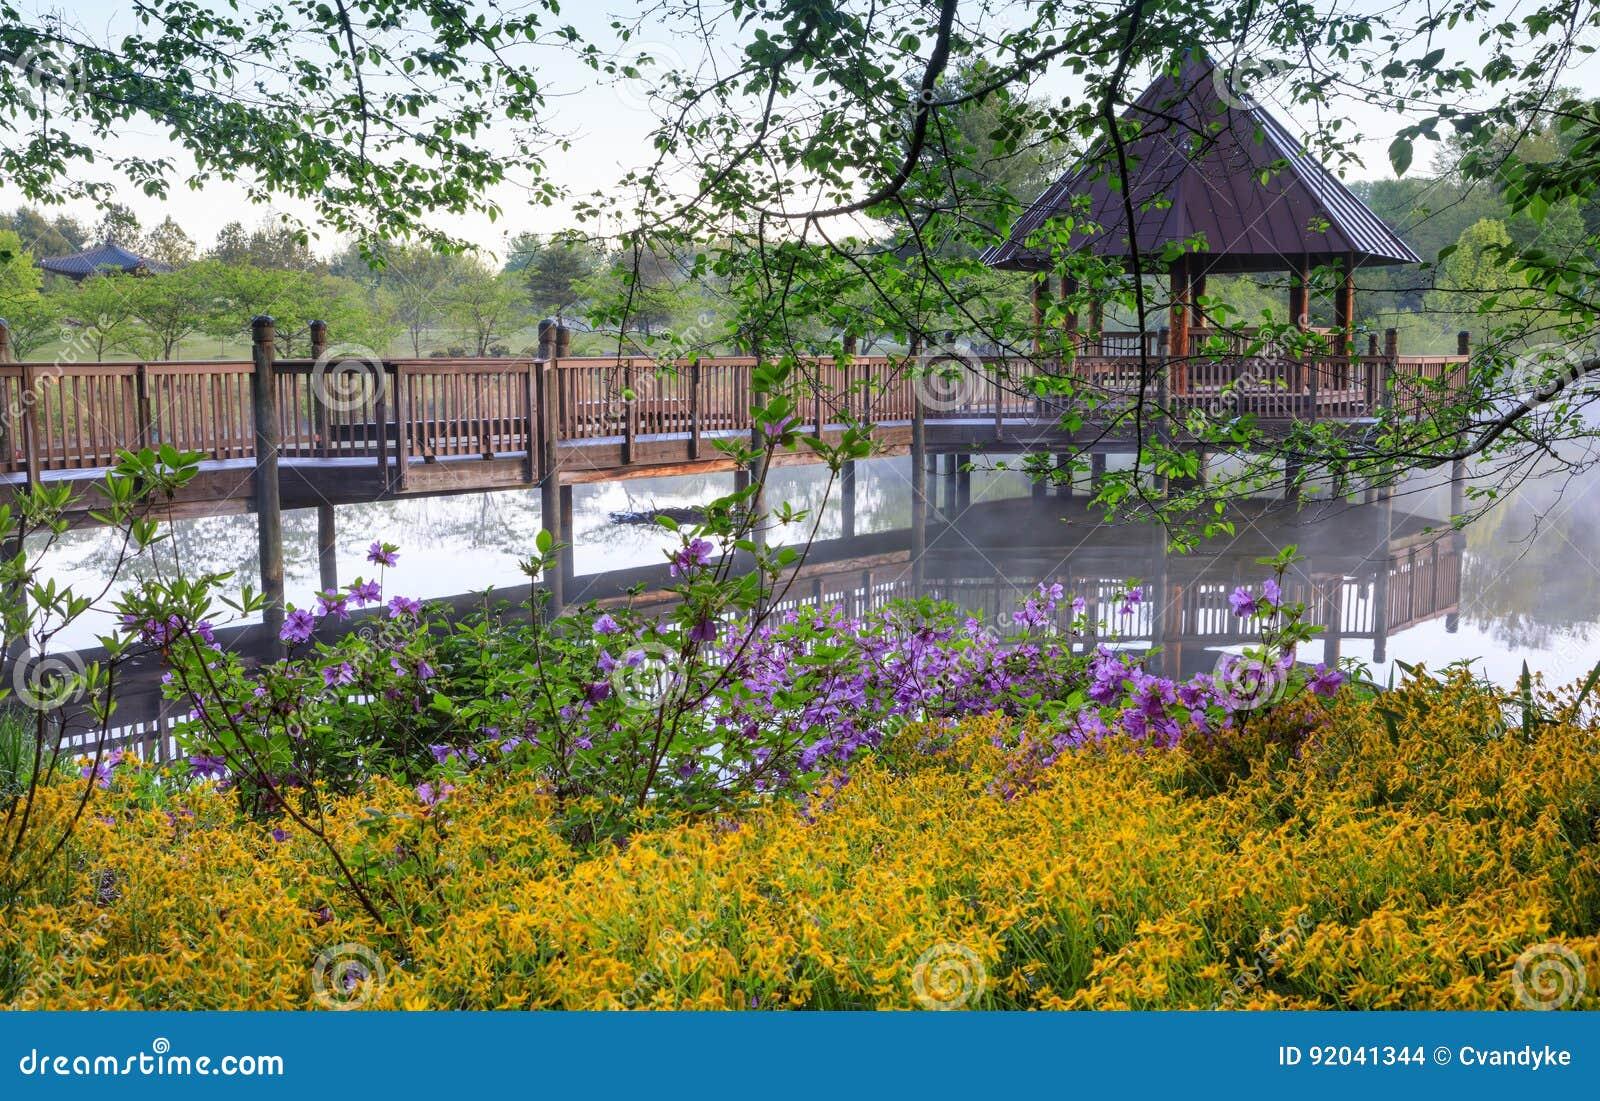 Belvédère sur le lac brumeux entouré par des fleurs de ressort